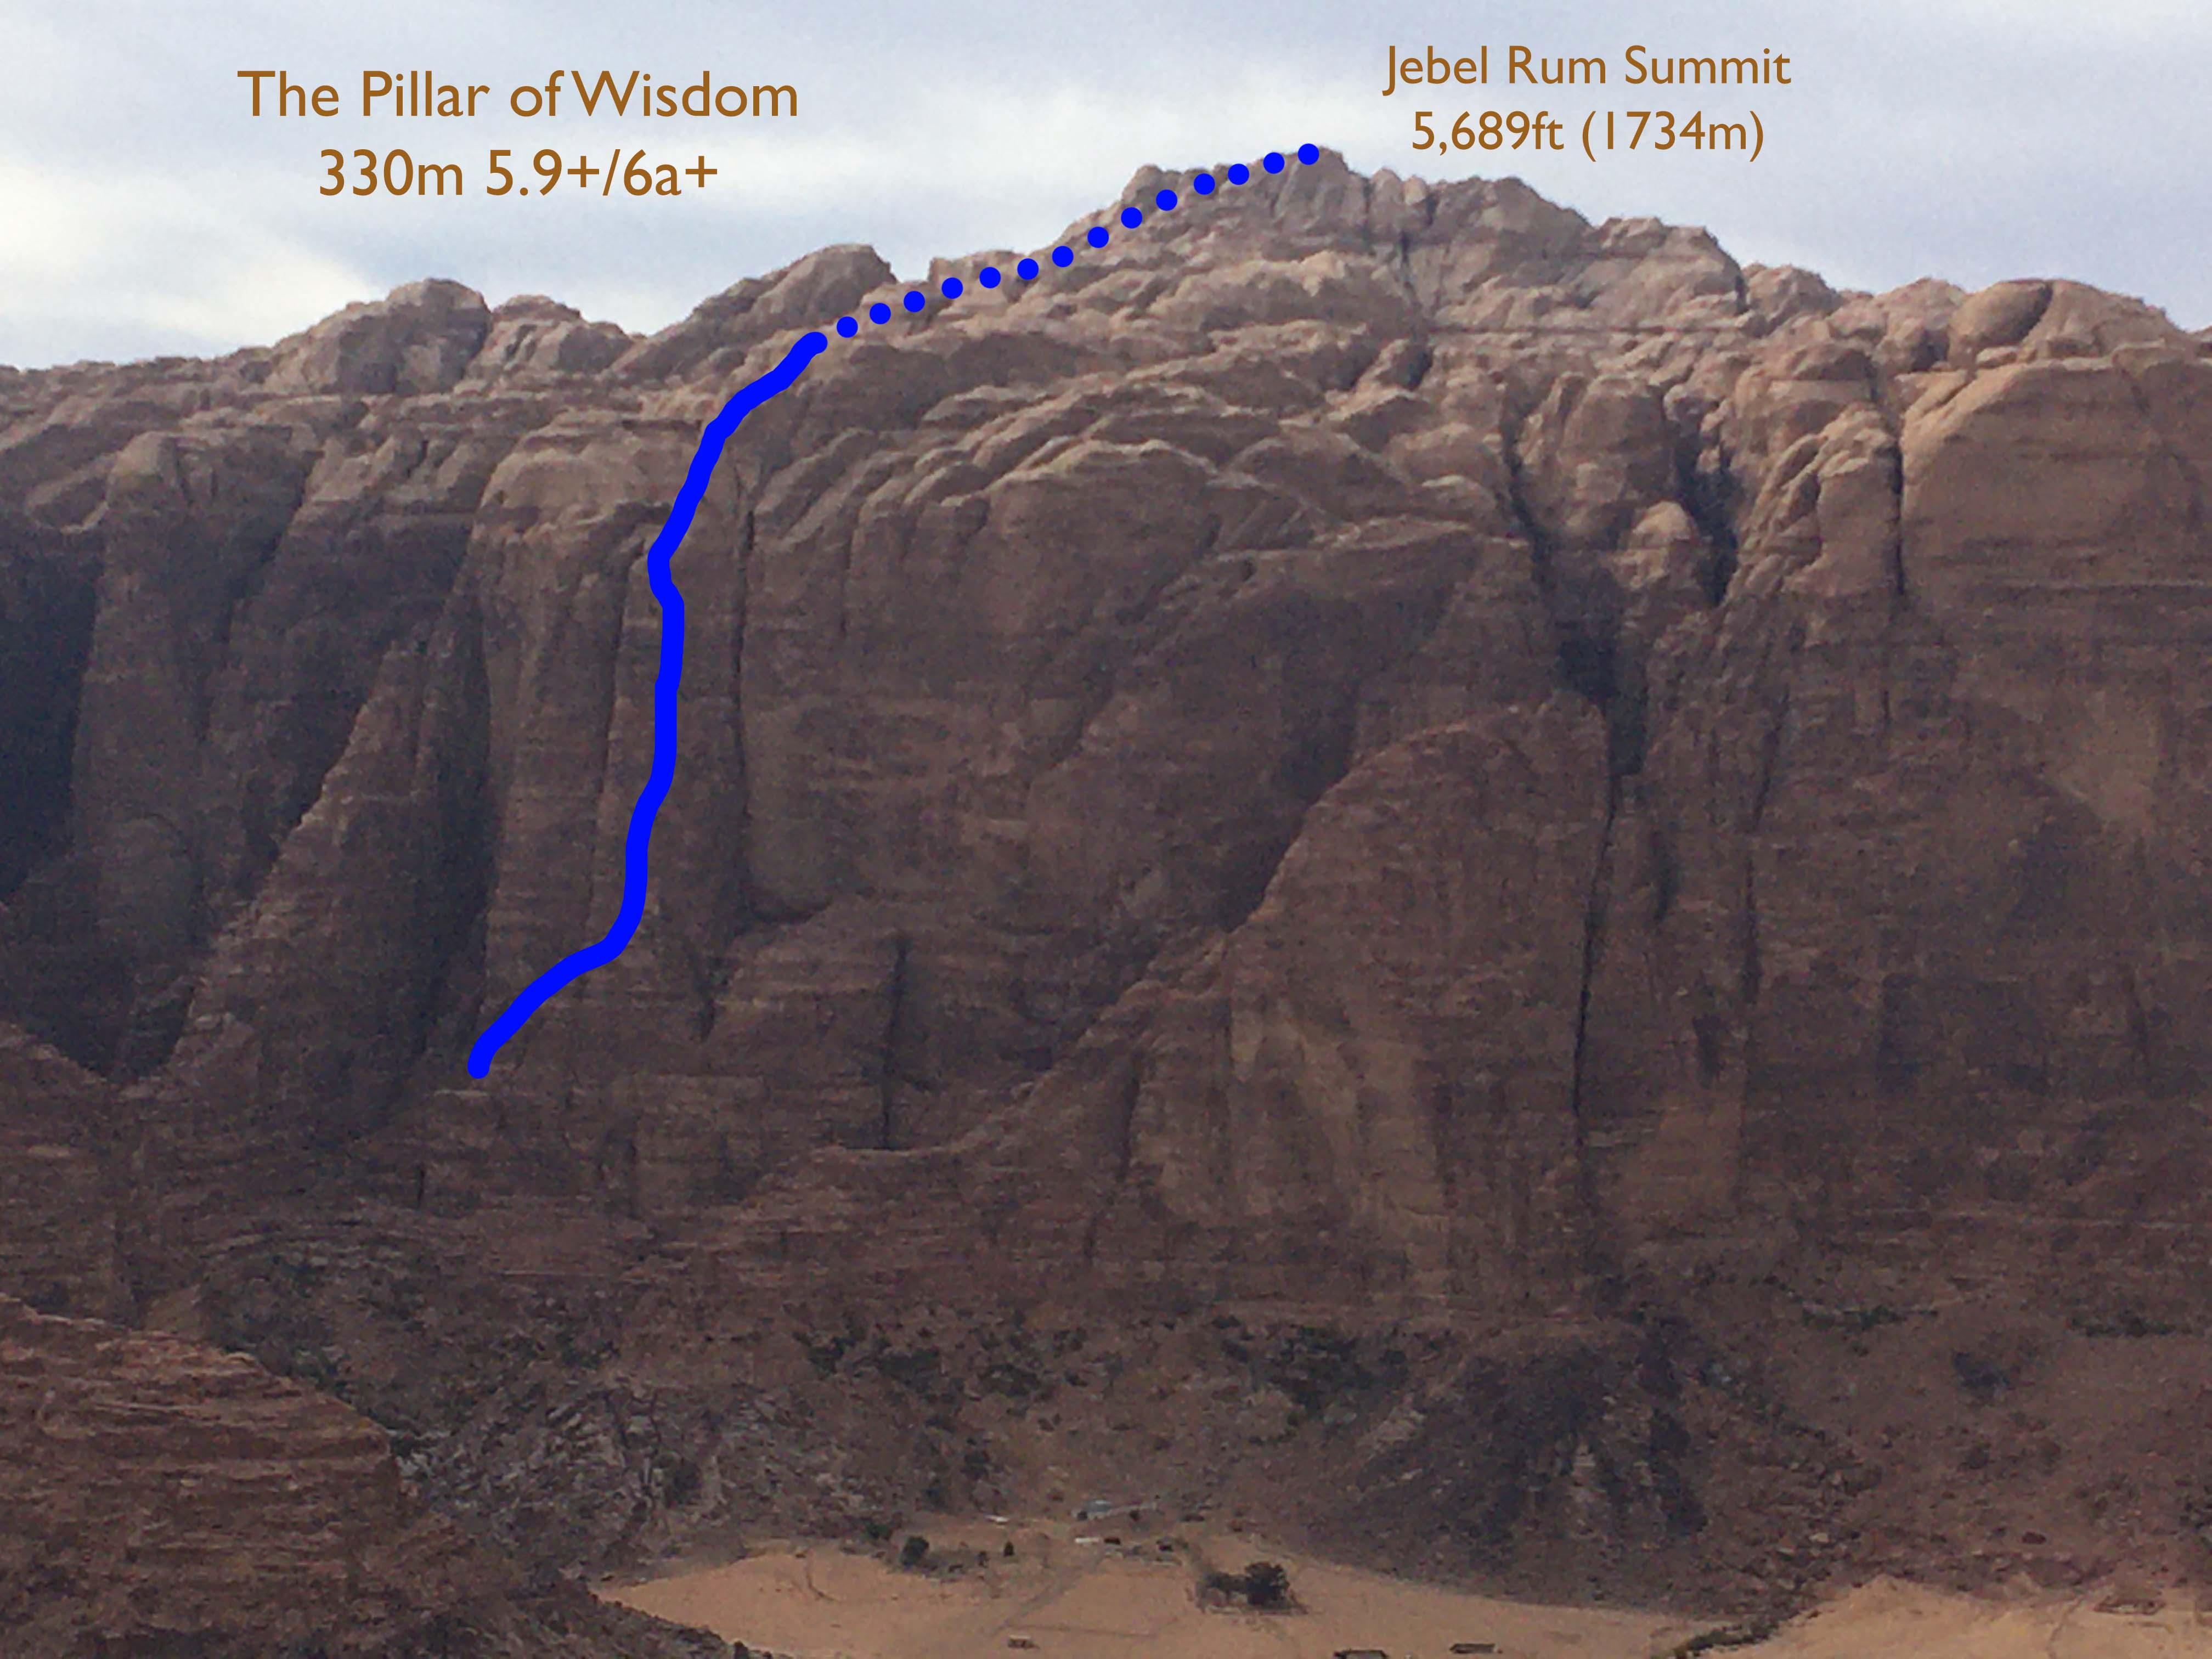 Il pilastro della saggezza topo, Giordania